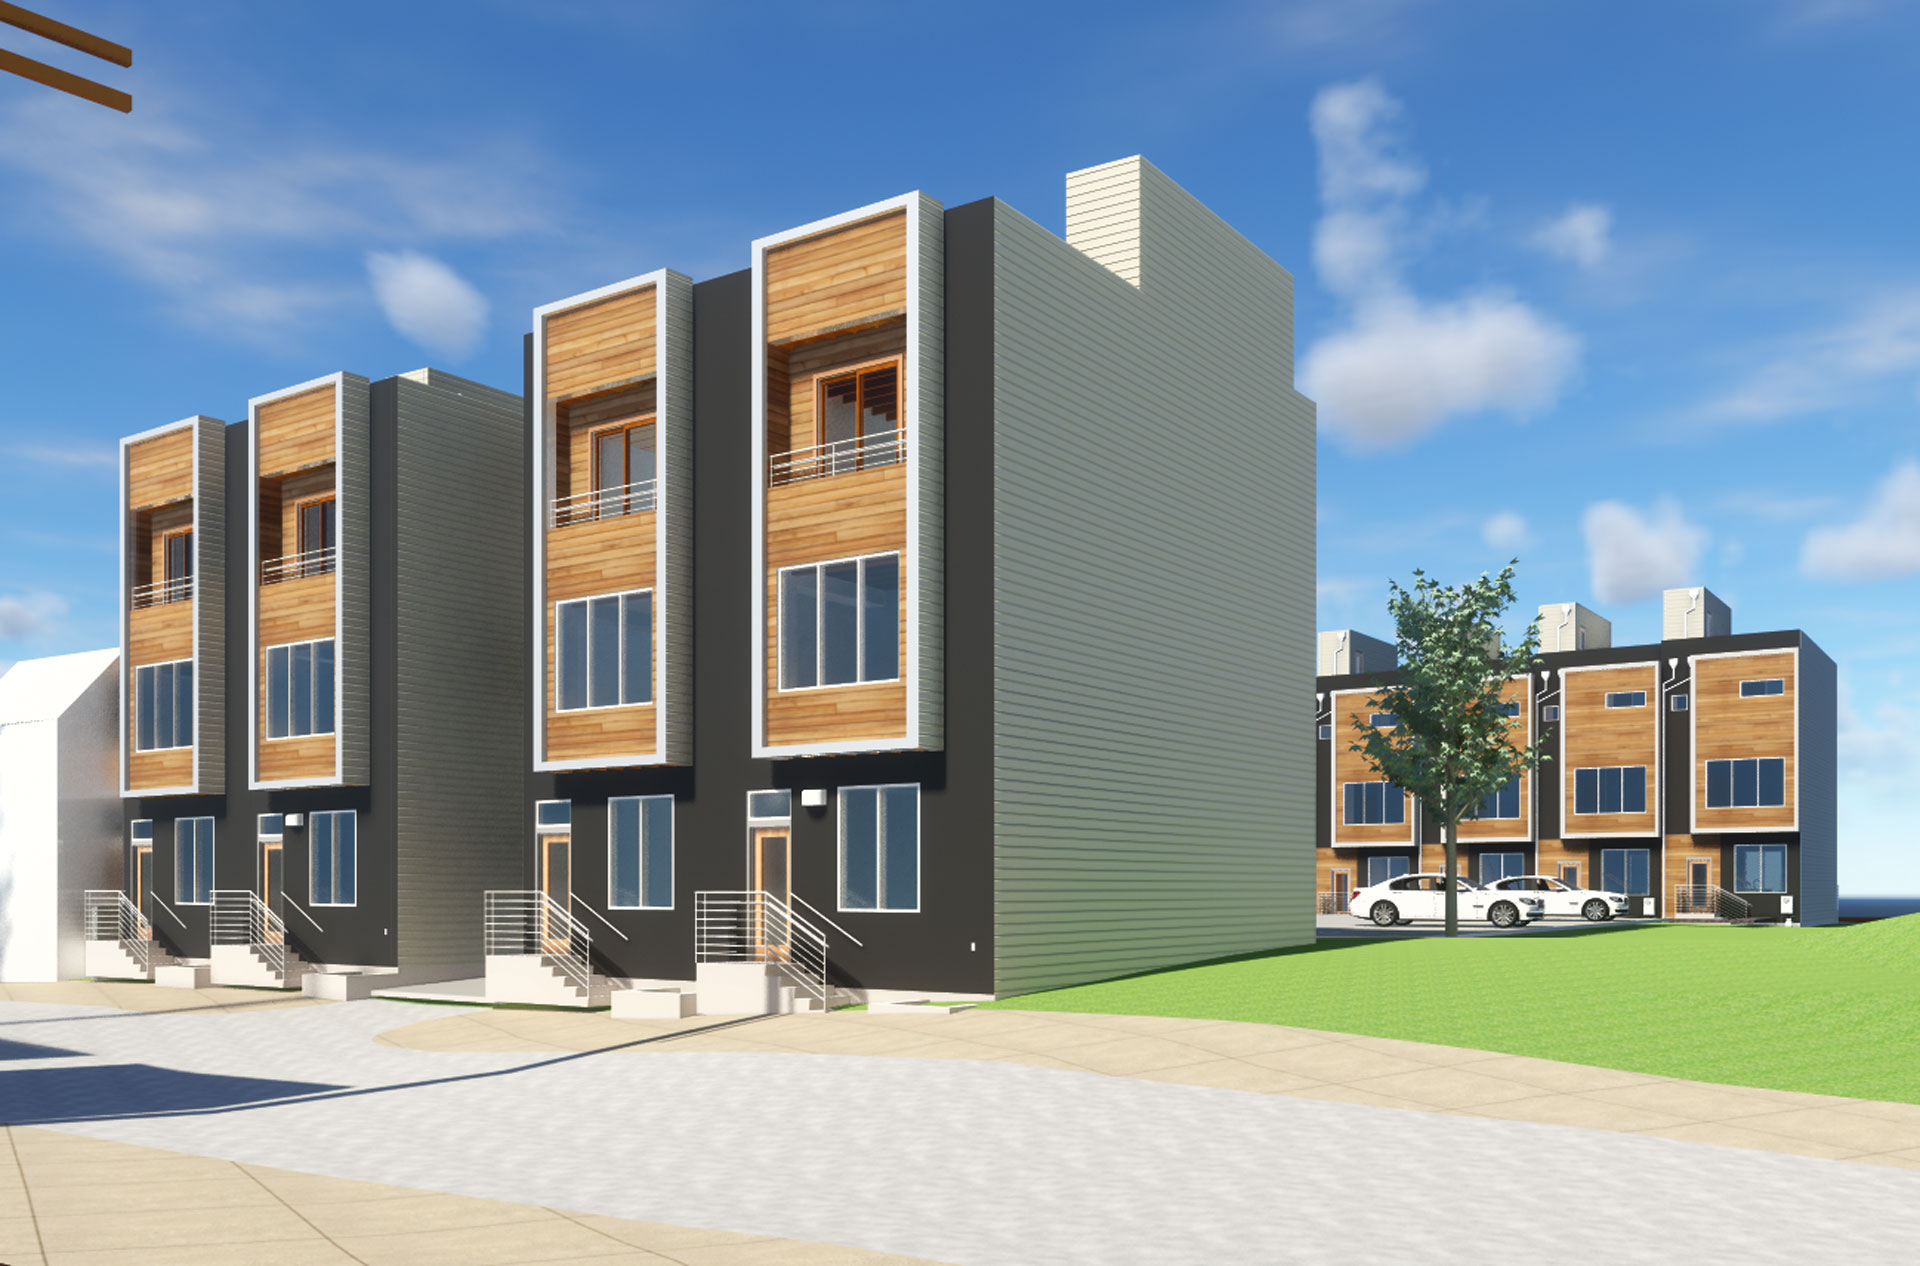 Architecture 12 single family home development